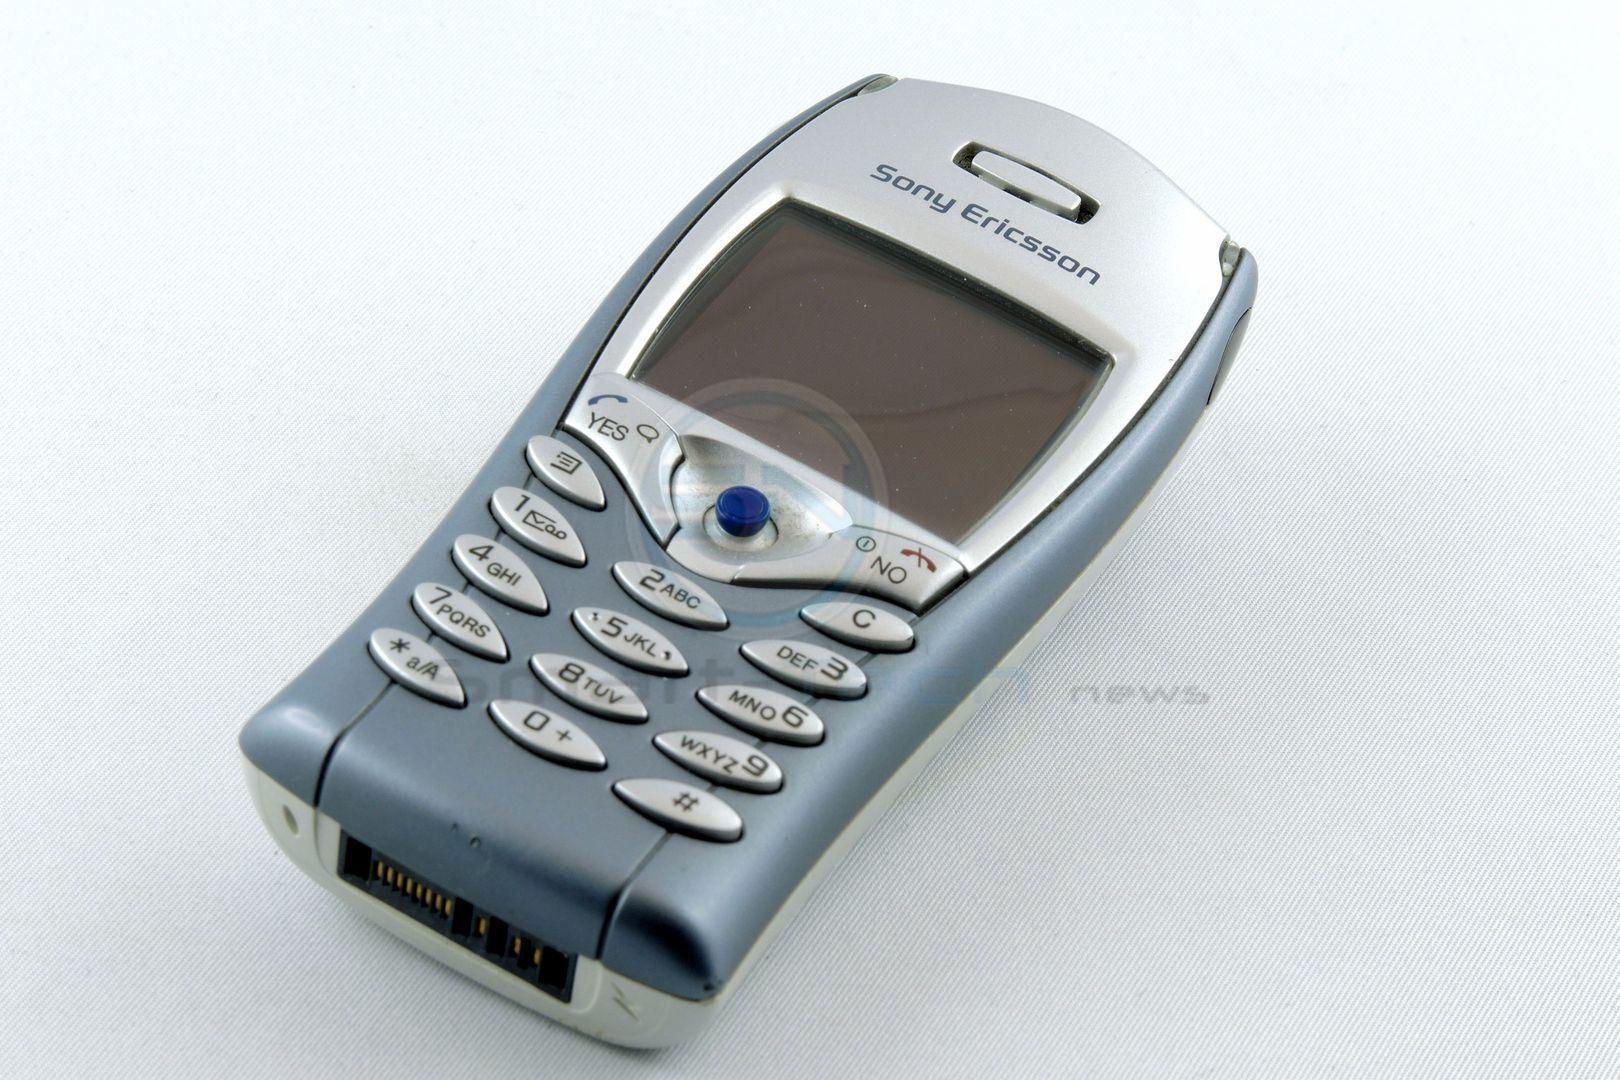 2002 Sony Ericsson T68i Sonyericsson T68i